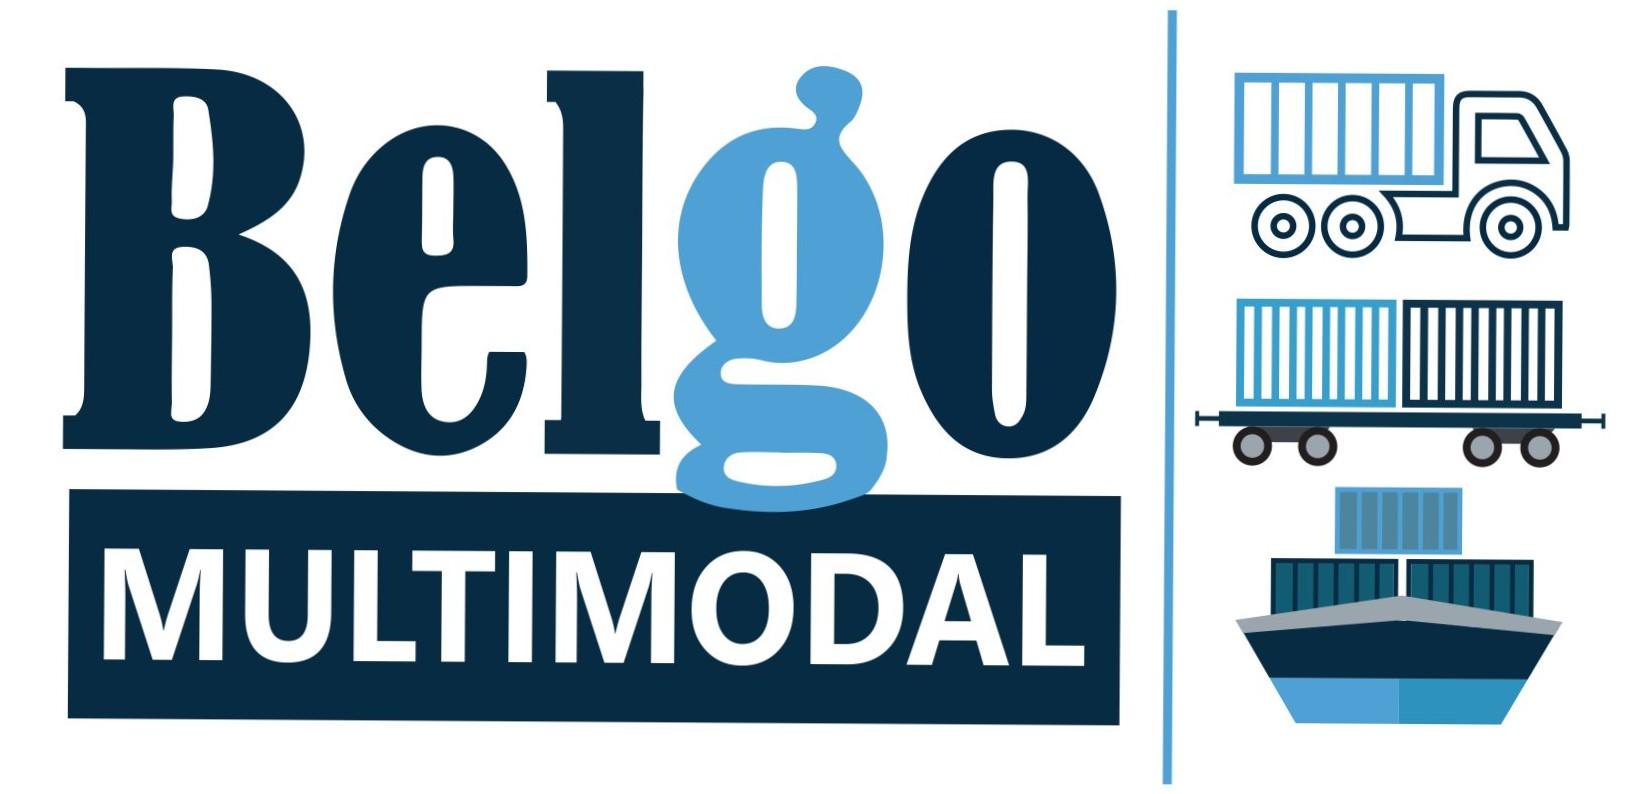 Belgo Multimodal BV